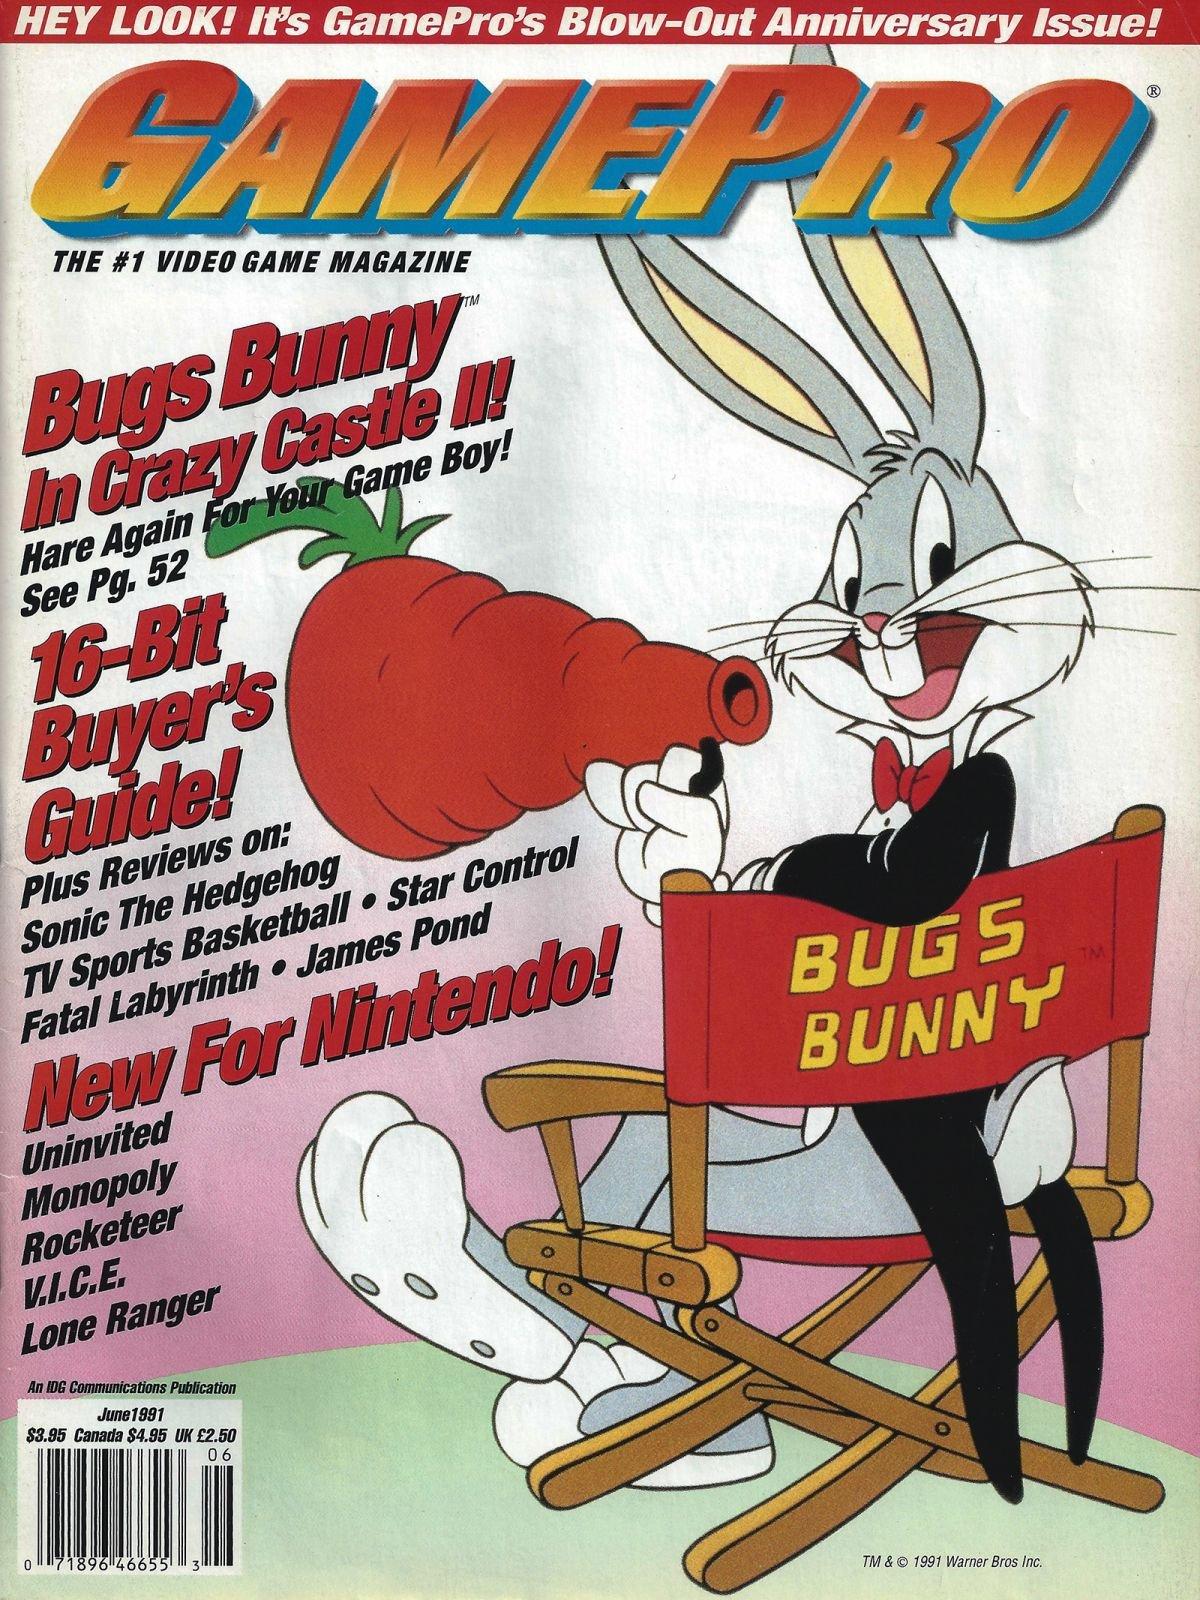 GamePro Issue 023 June 1991 Alternate Cover